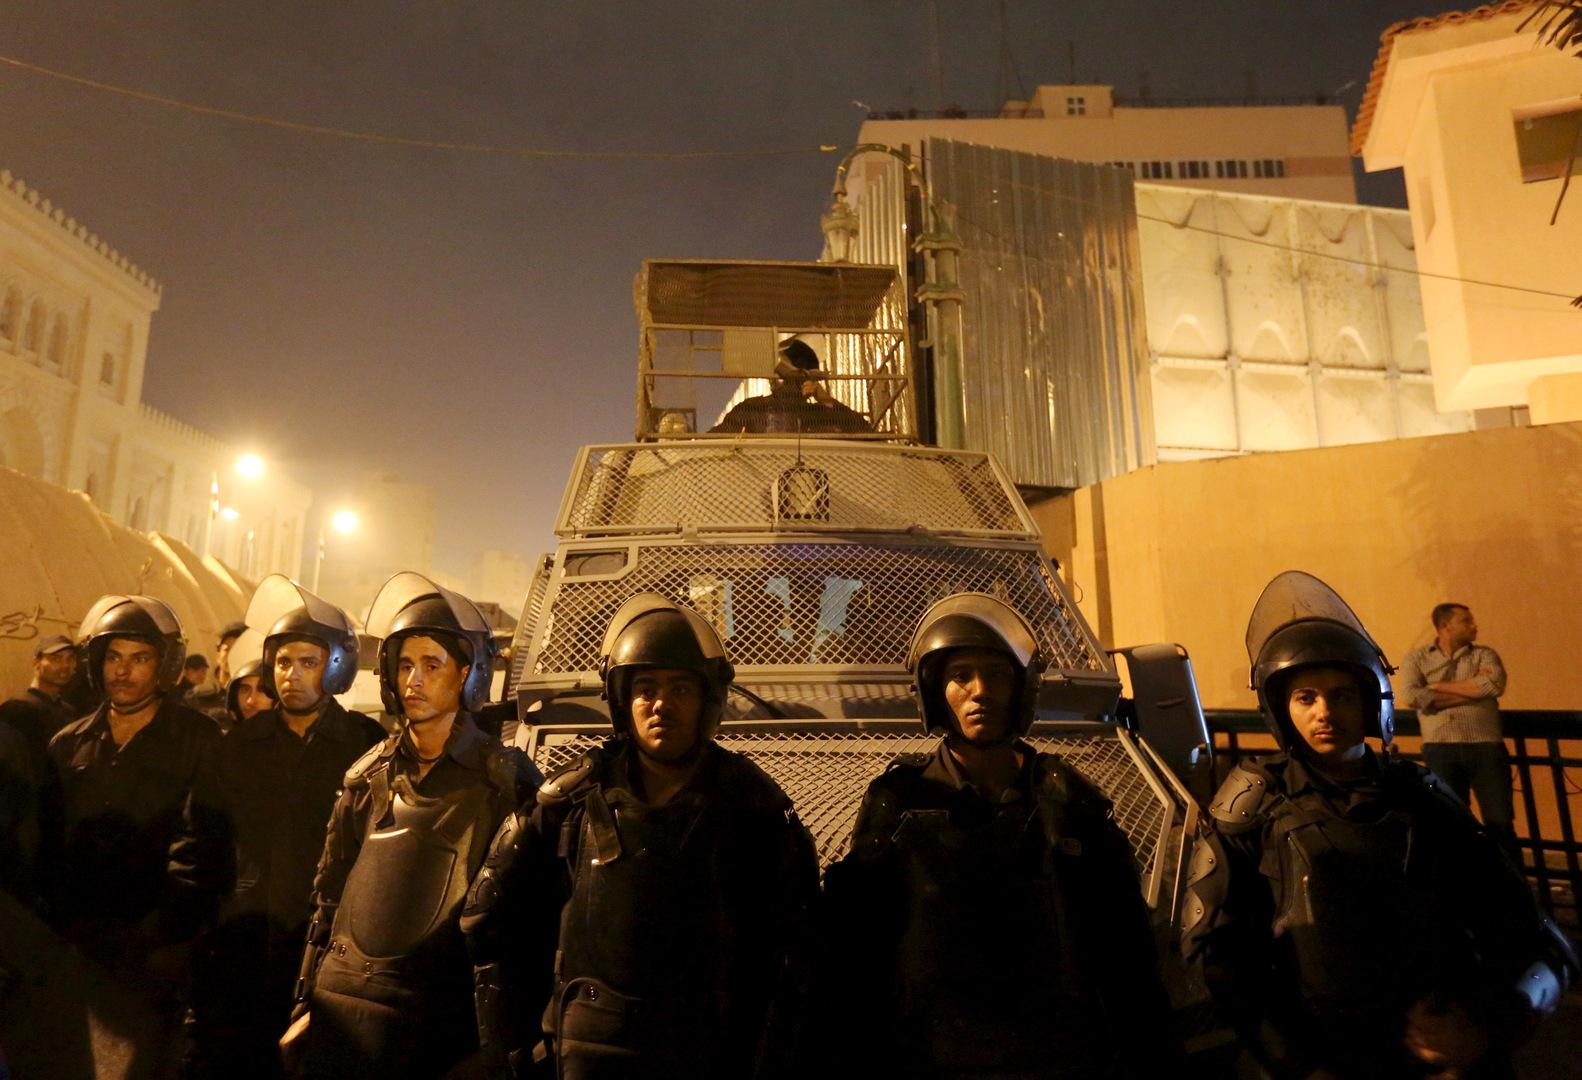 مصر.. الإفراج عن مئات المسجونين بأمر من السيسي